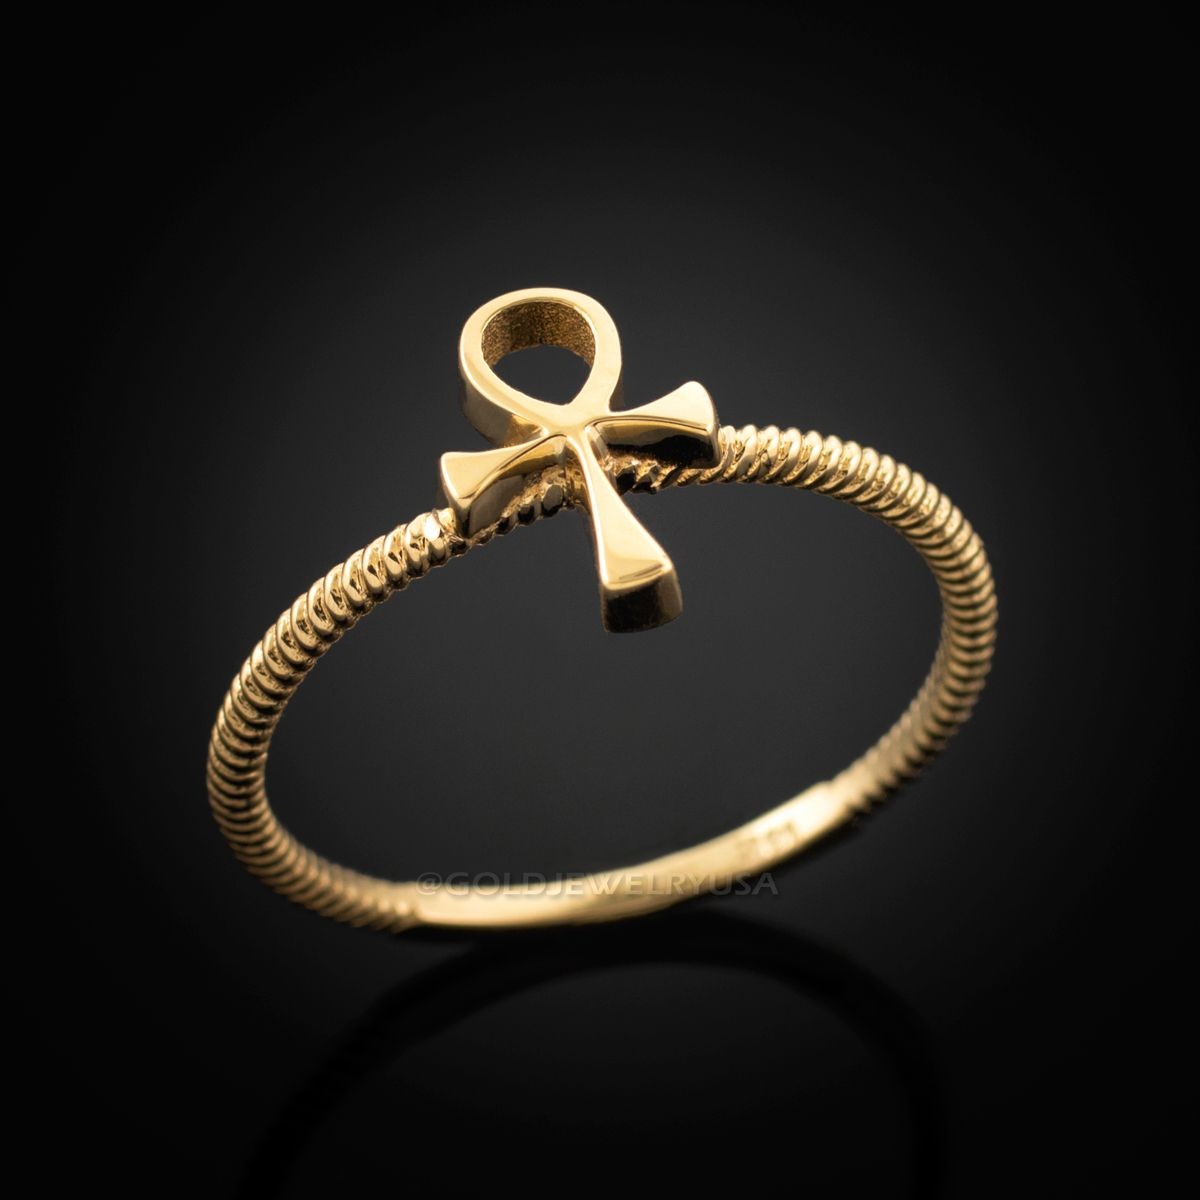 Fine Women/'s 14k Dainty Rose Gold Egyptian Ankh Cross Ring